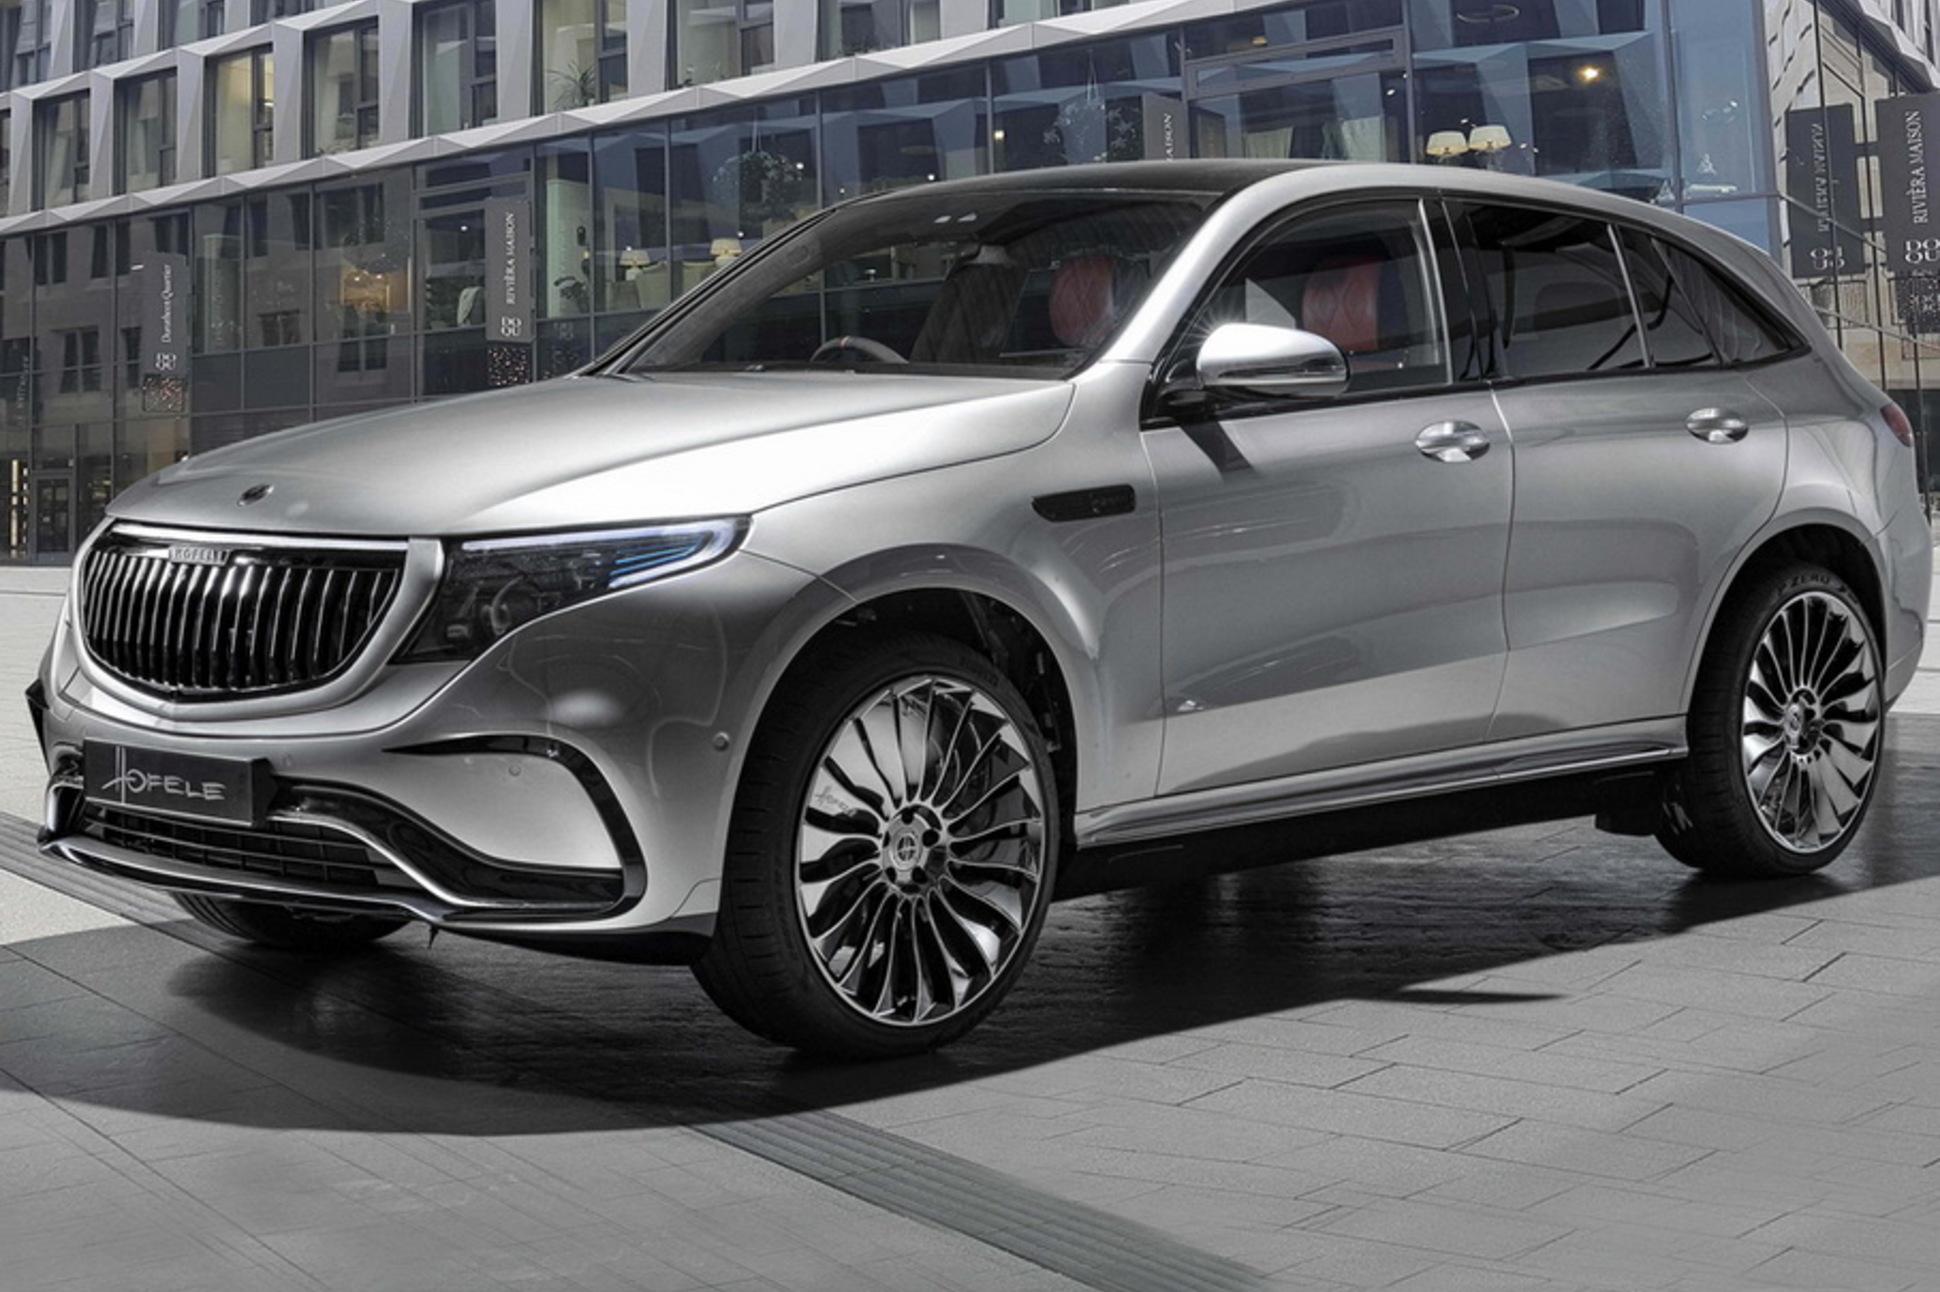 Немецкое ателье Hofele Design показало проект HEQC на базе Mercedes-Benz EQC: электрокроссовер оформили по образцу роскошных автомобилей Maybach.